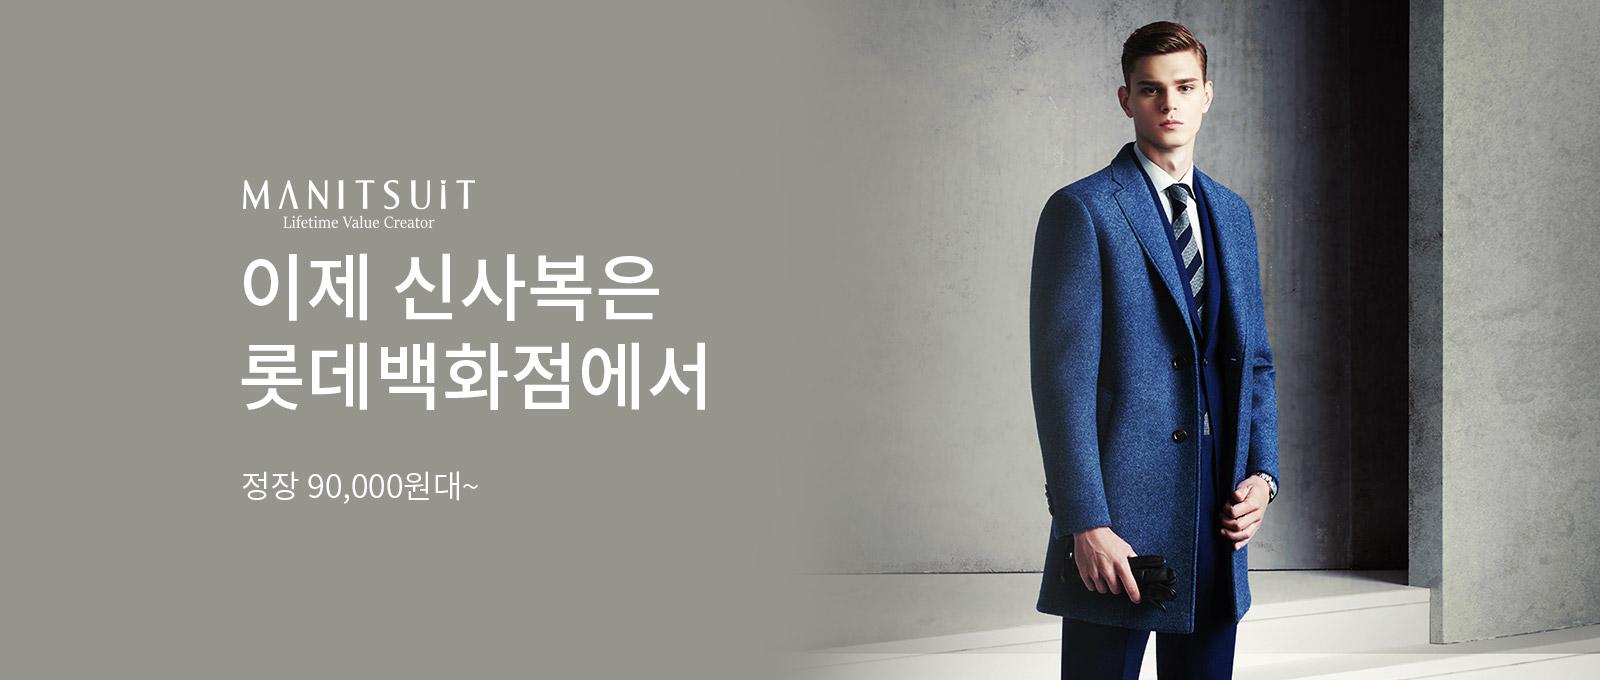 이제 신사복은 롯데백화점에서 정장 9만원대!